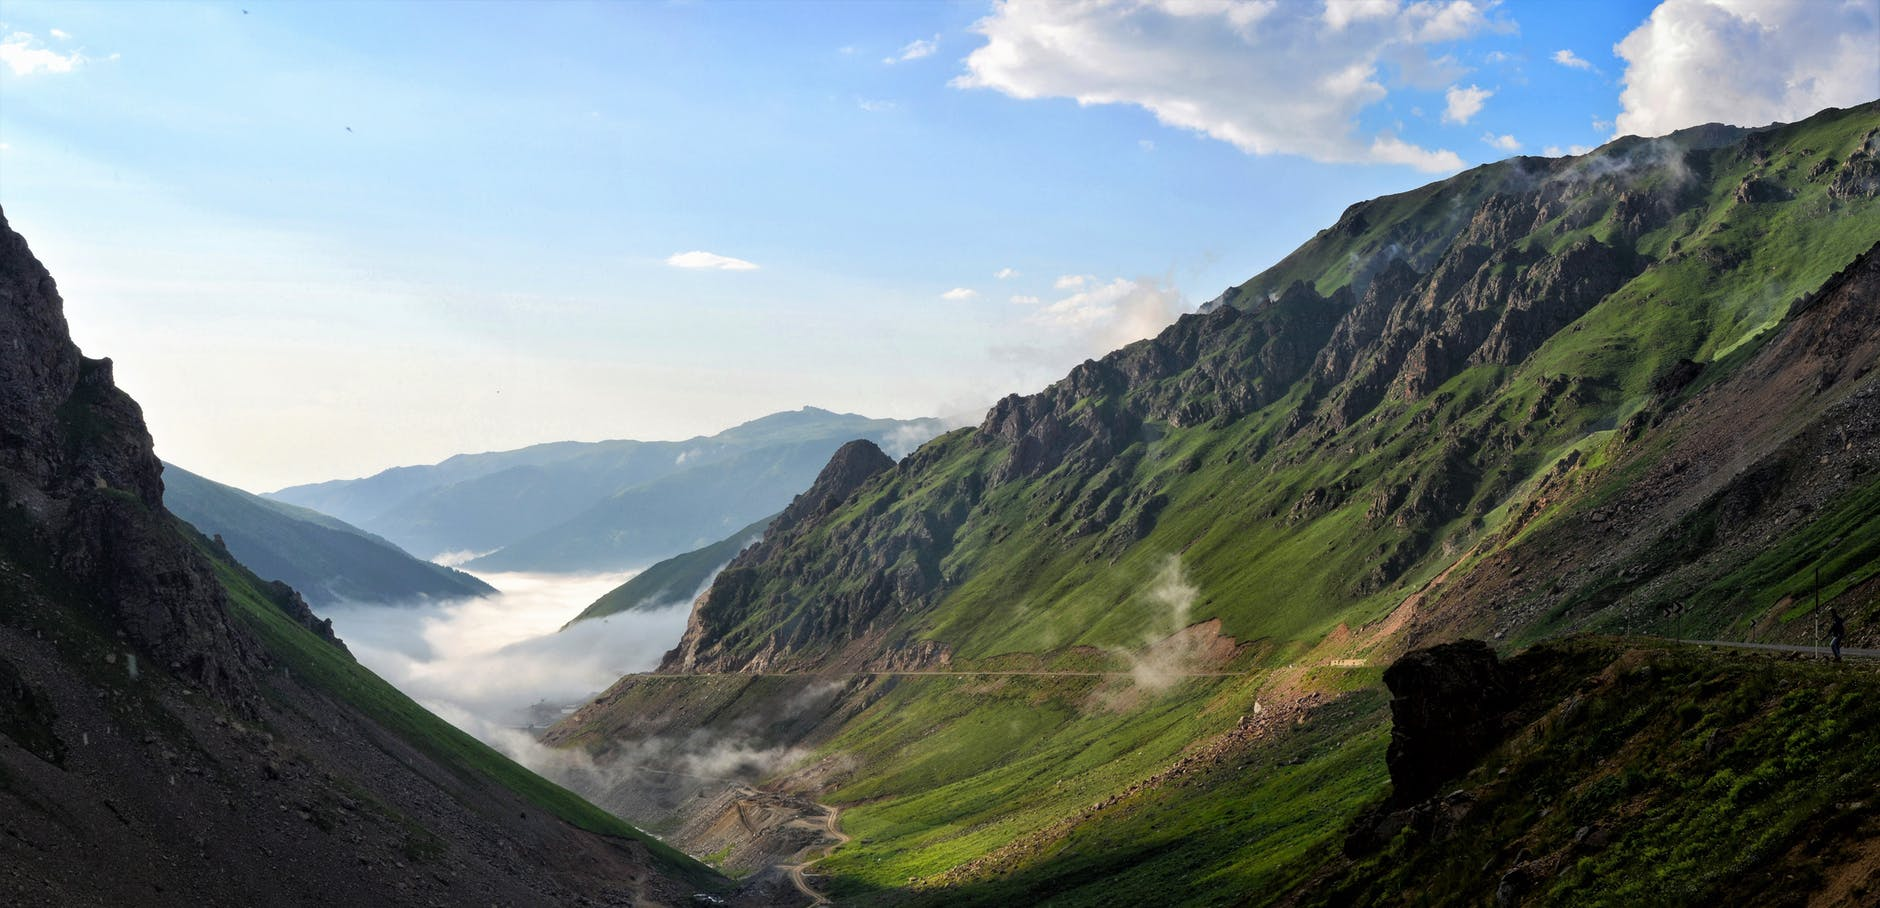 Roemenië: de toekomst van West-Europa? (2)